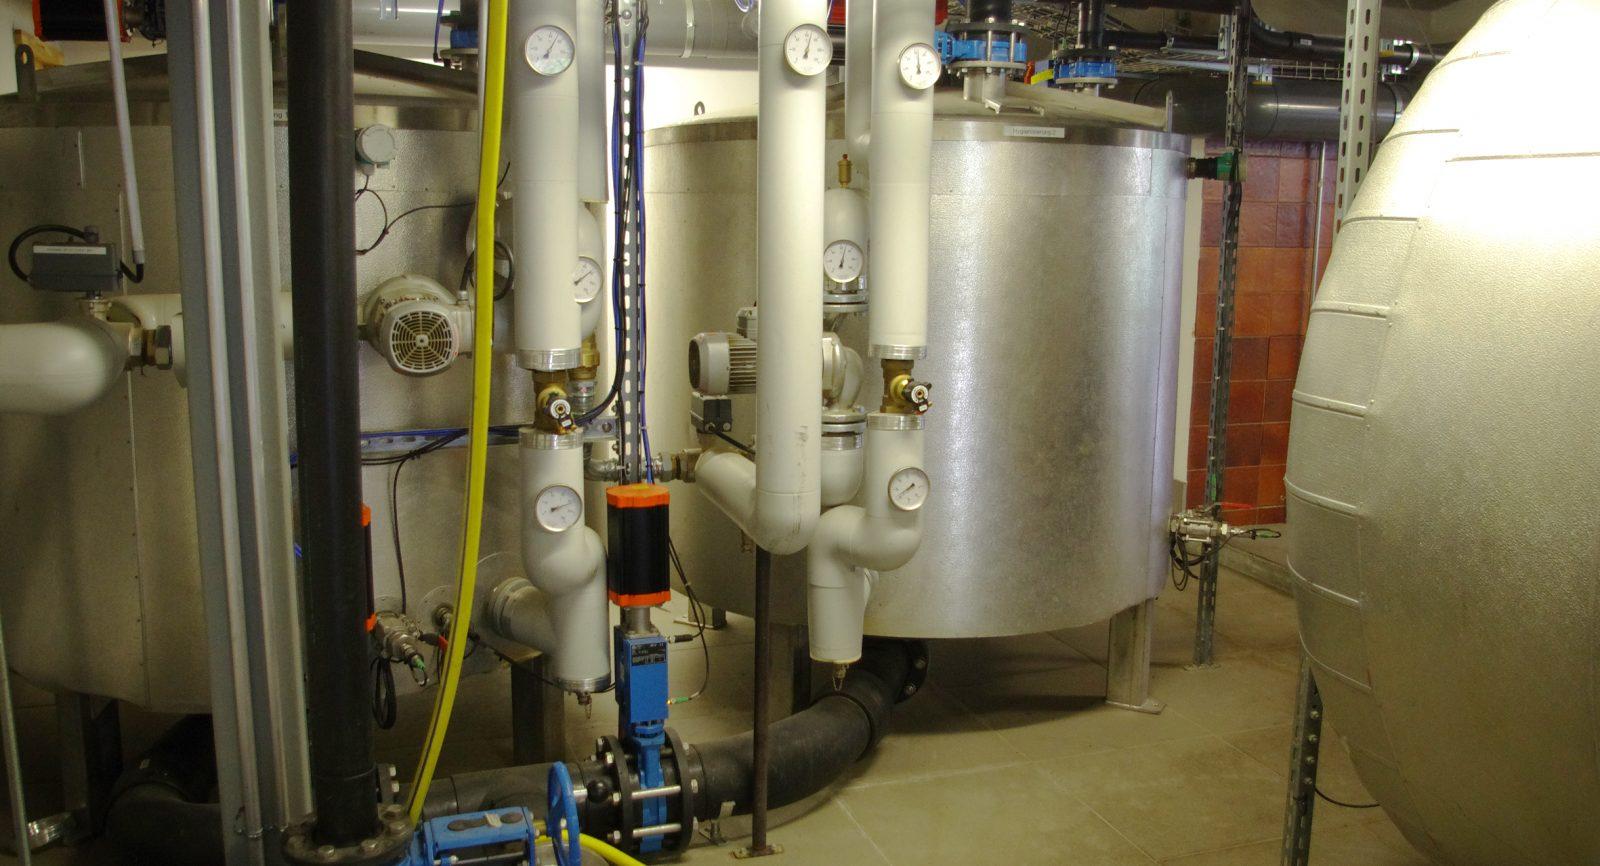 Durch die Hygienisierung der Speiseabfälle wird eine Nutzung der später anfallenden Flüssigdünger und Komposterde optimiert.